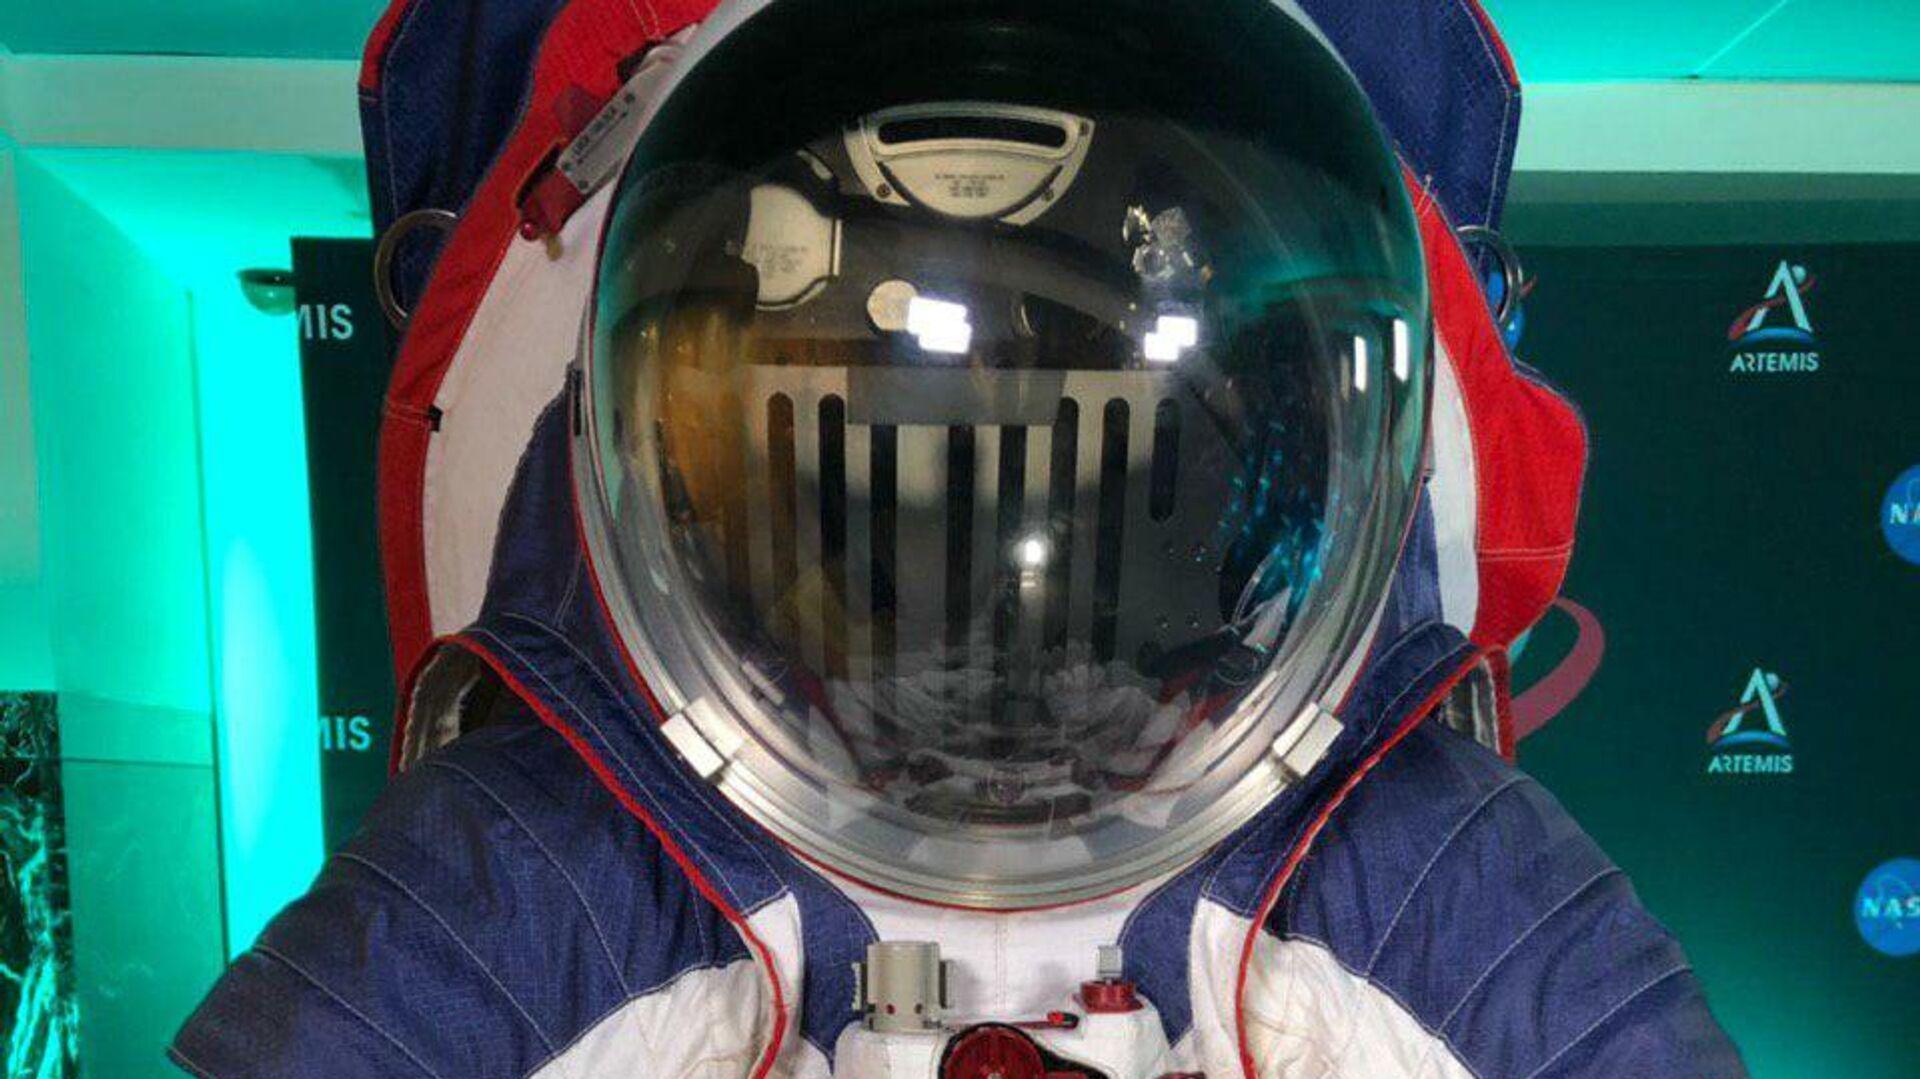 НАСА представило скафандры для лунной миссии - РИА Новости, 1920, 06.09.2020